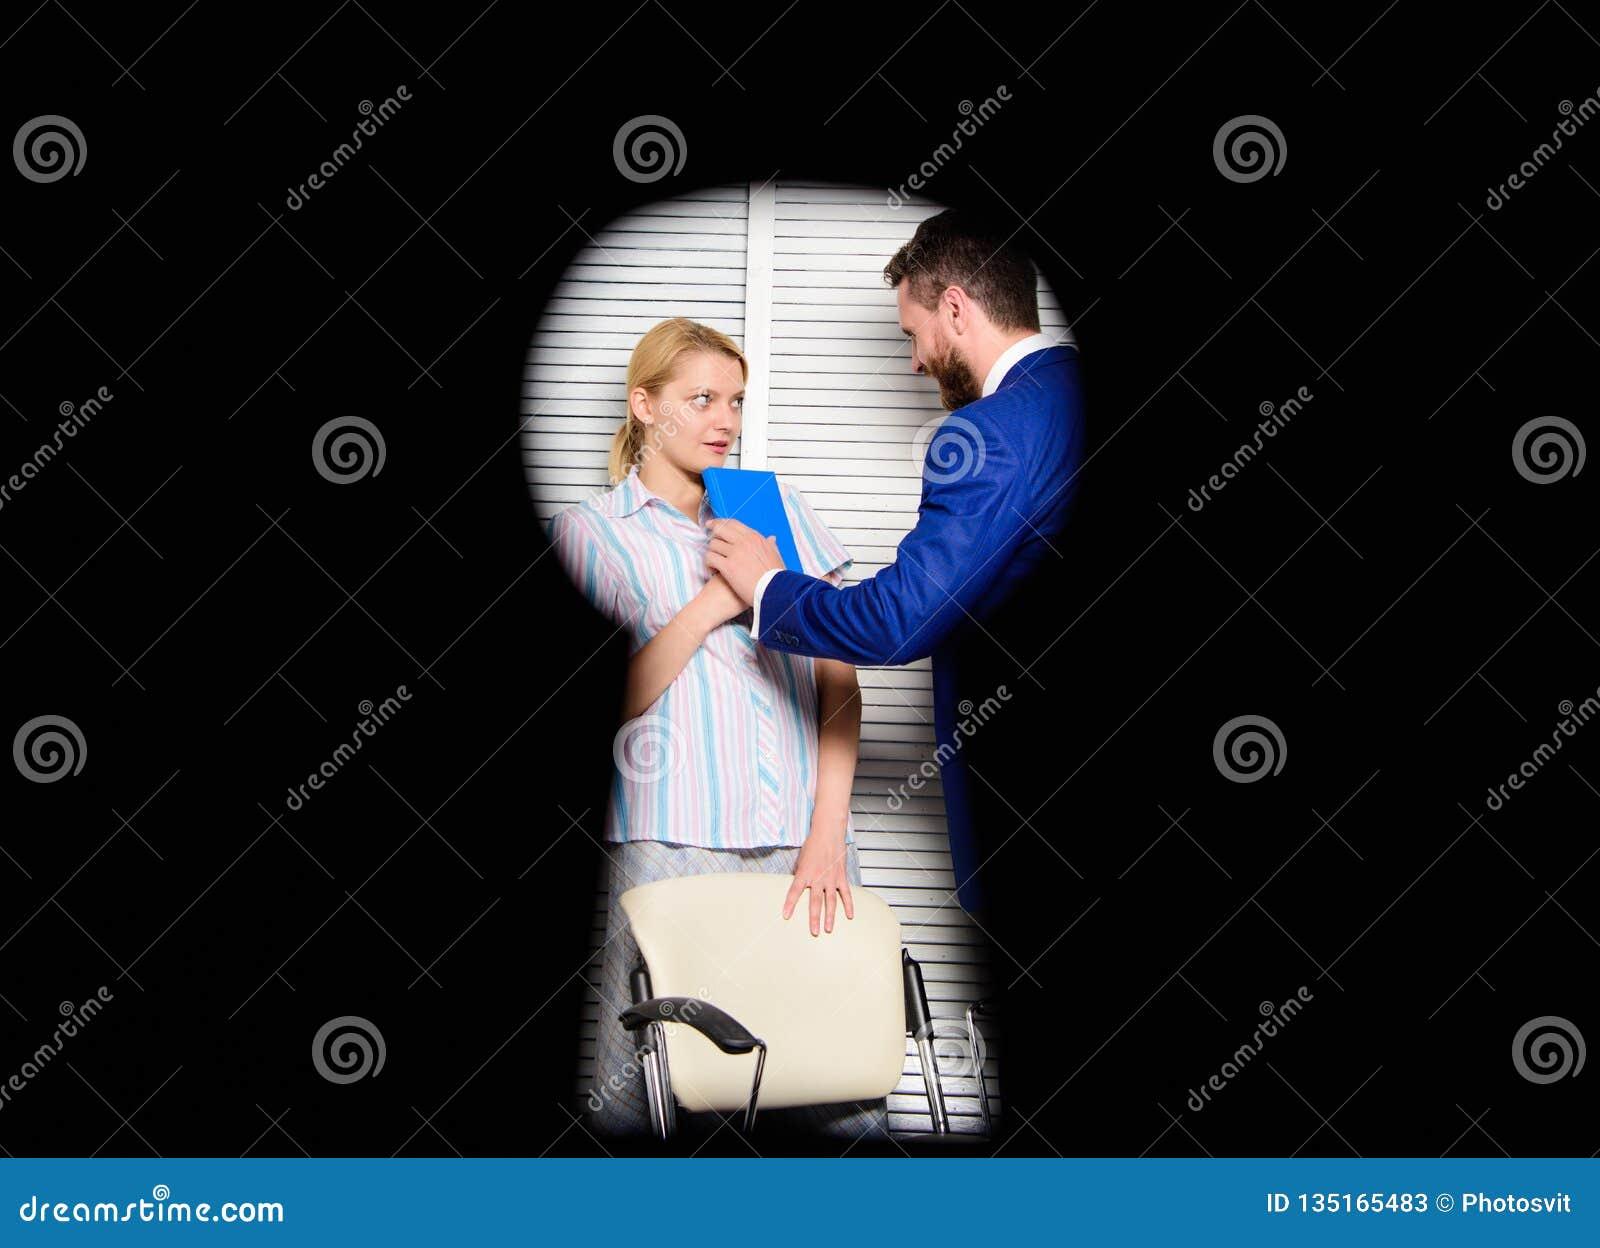 看法通过匙孔 在权利侵害怀疑的工作者夫人 上司积极威胁 罪行的证人在办公室